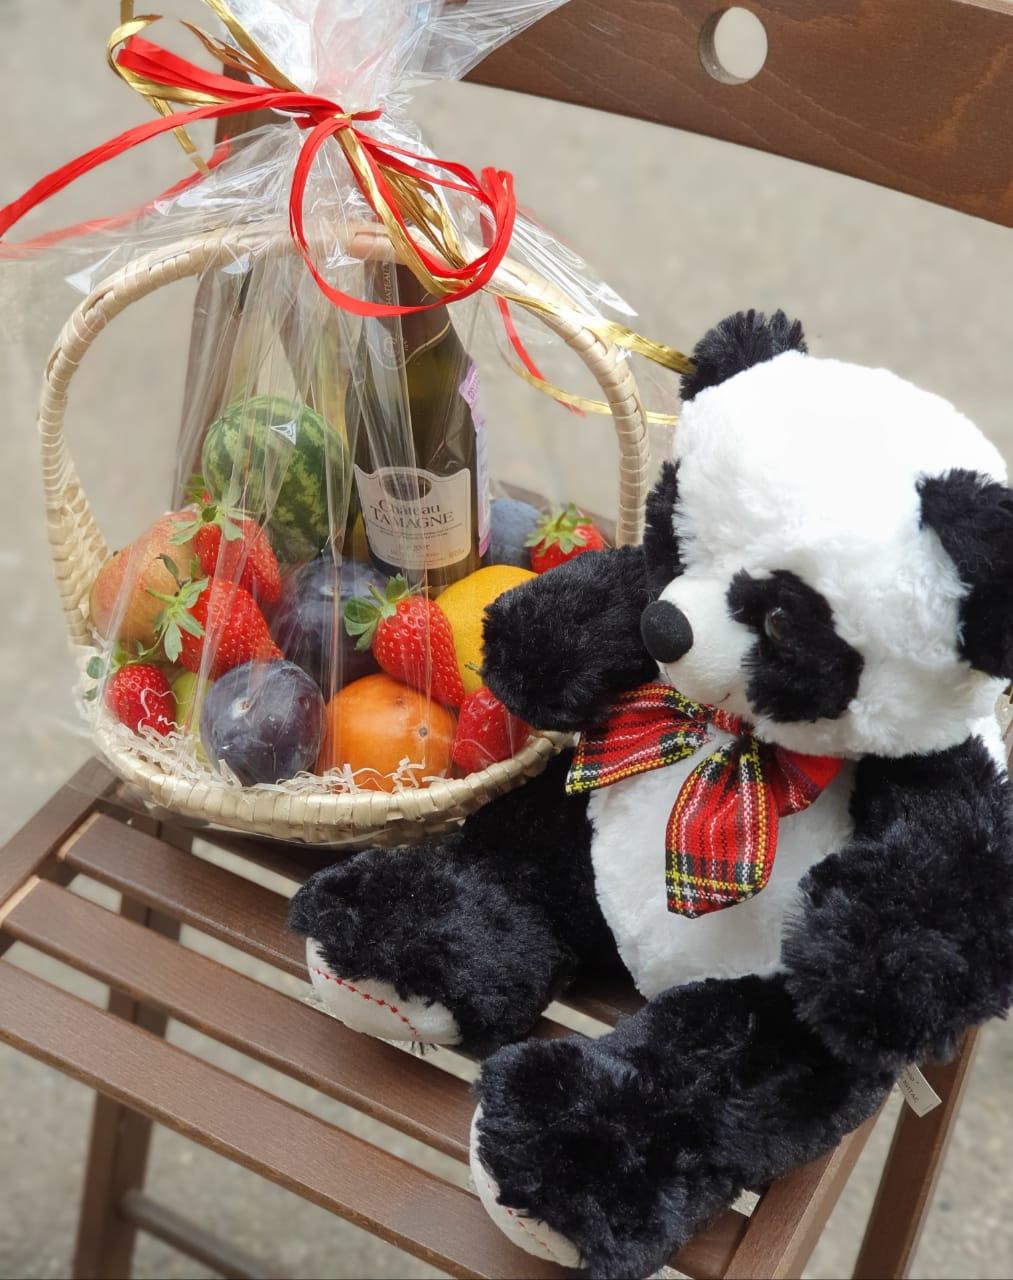 Корзинка с фруктами и шампанским, игрушка Медвежонок